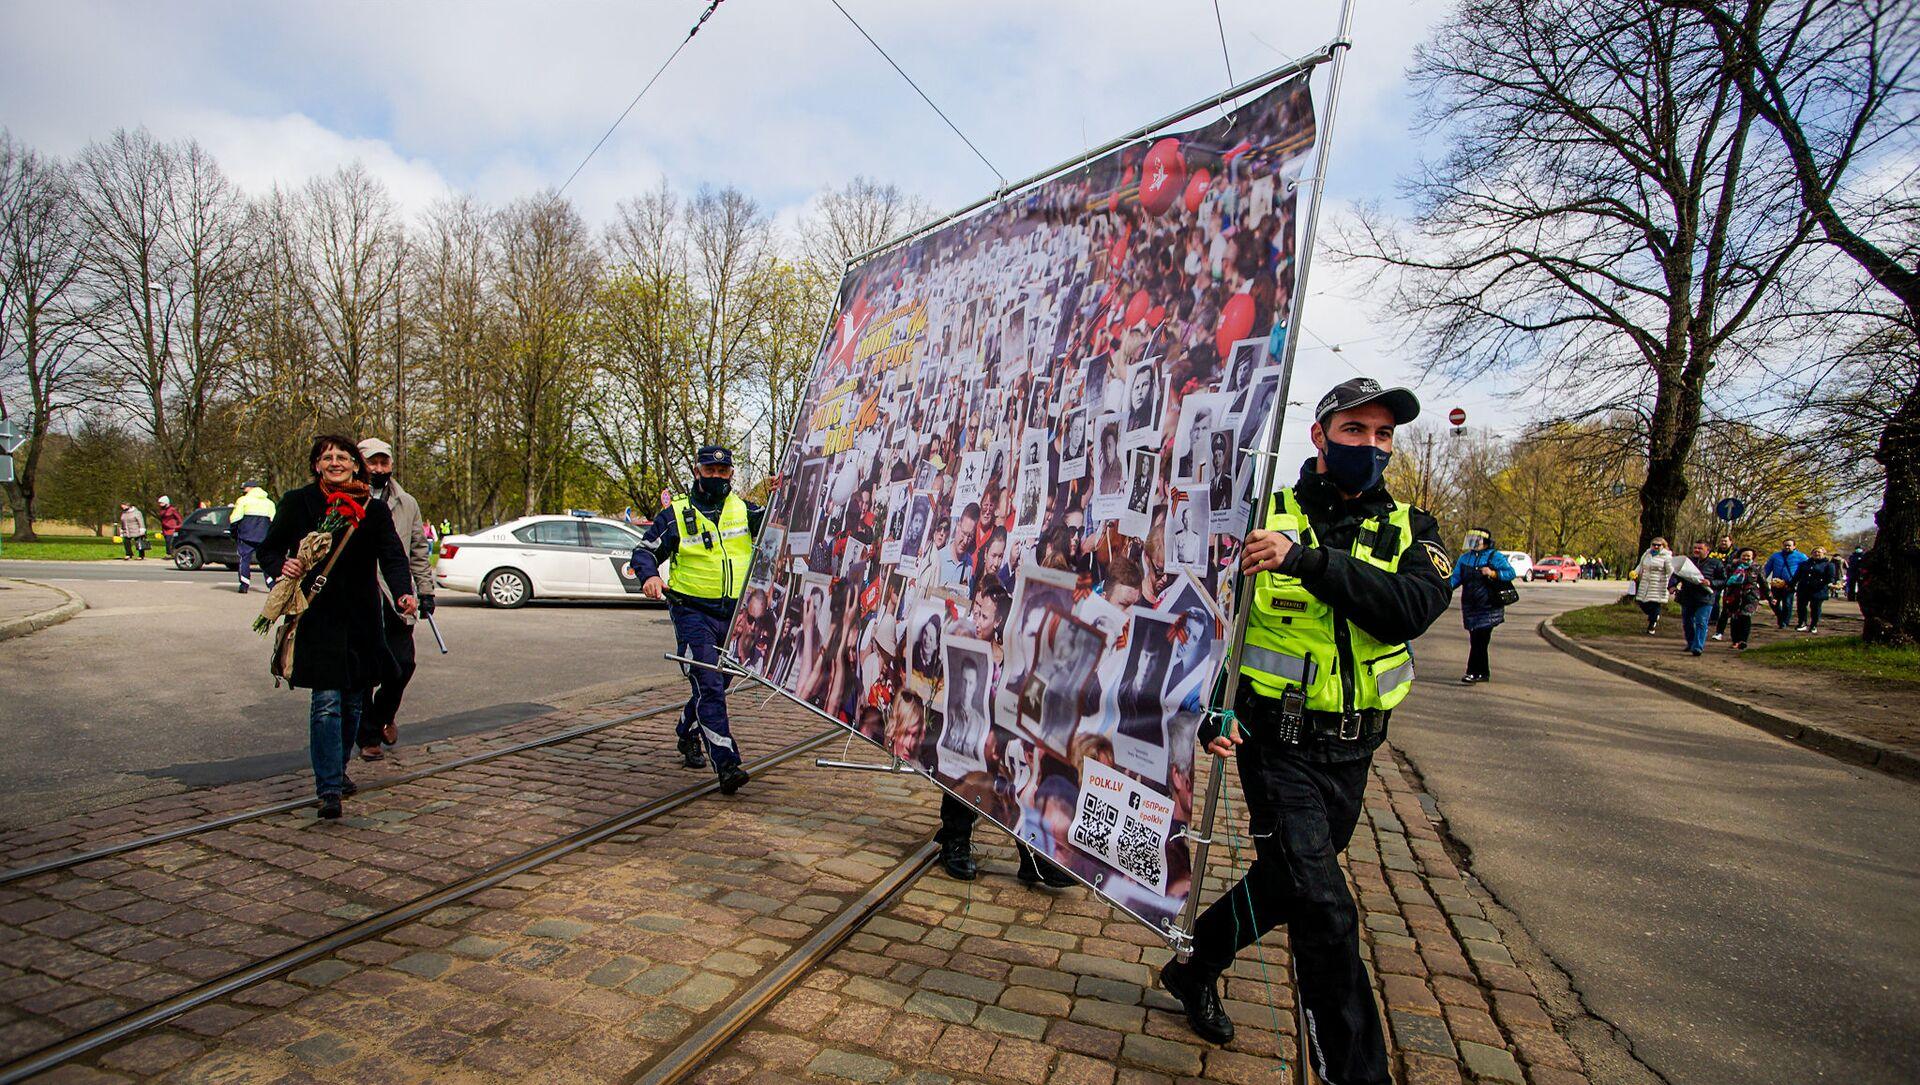 Полицейские помогают нести плакат, посвященный Бессмертному полку - Sputnik Latvija, 1920, 09.05.2021